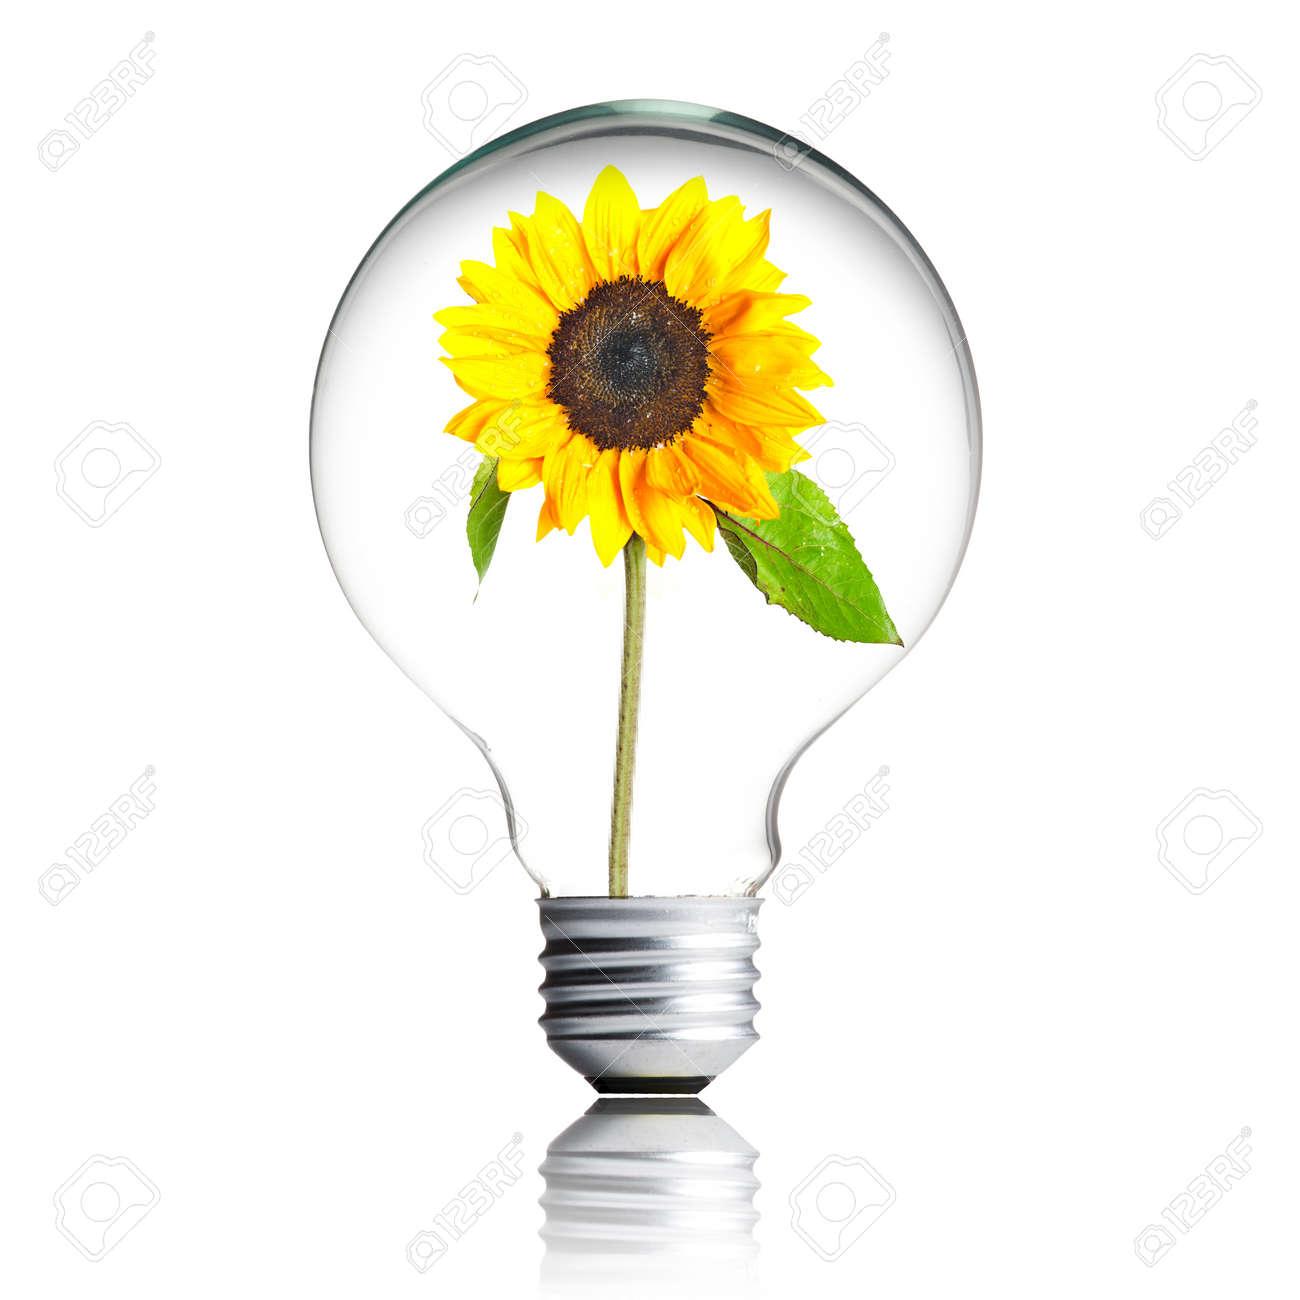 sunflower growing inside the light bulb - 13546237